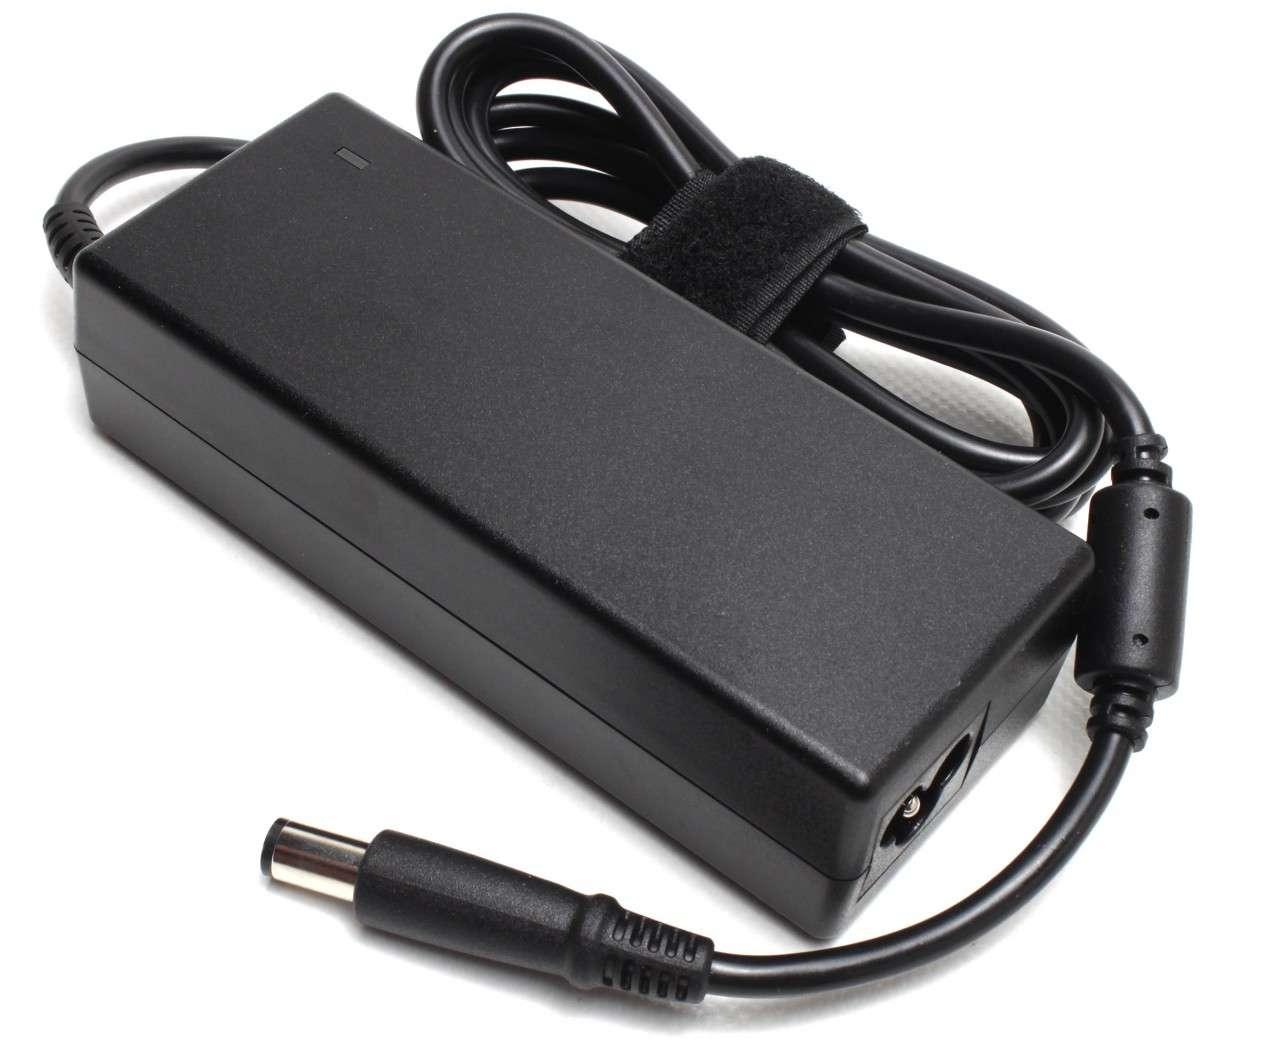 Incarcator Dell Vostro 1300 VARIANTA 3 imagine powerlaptop.ro 2021